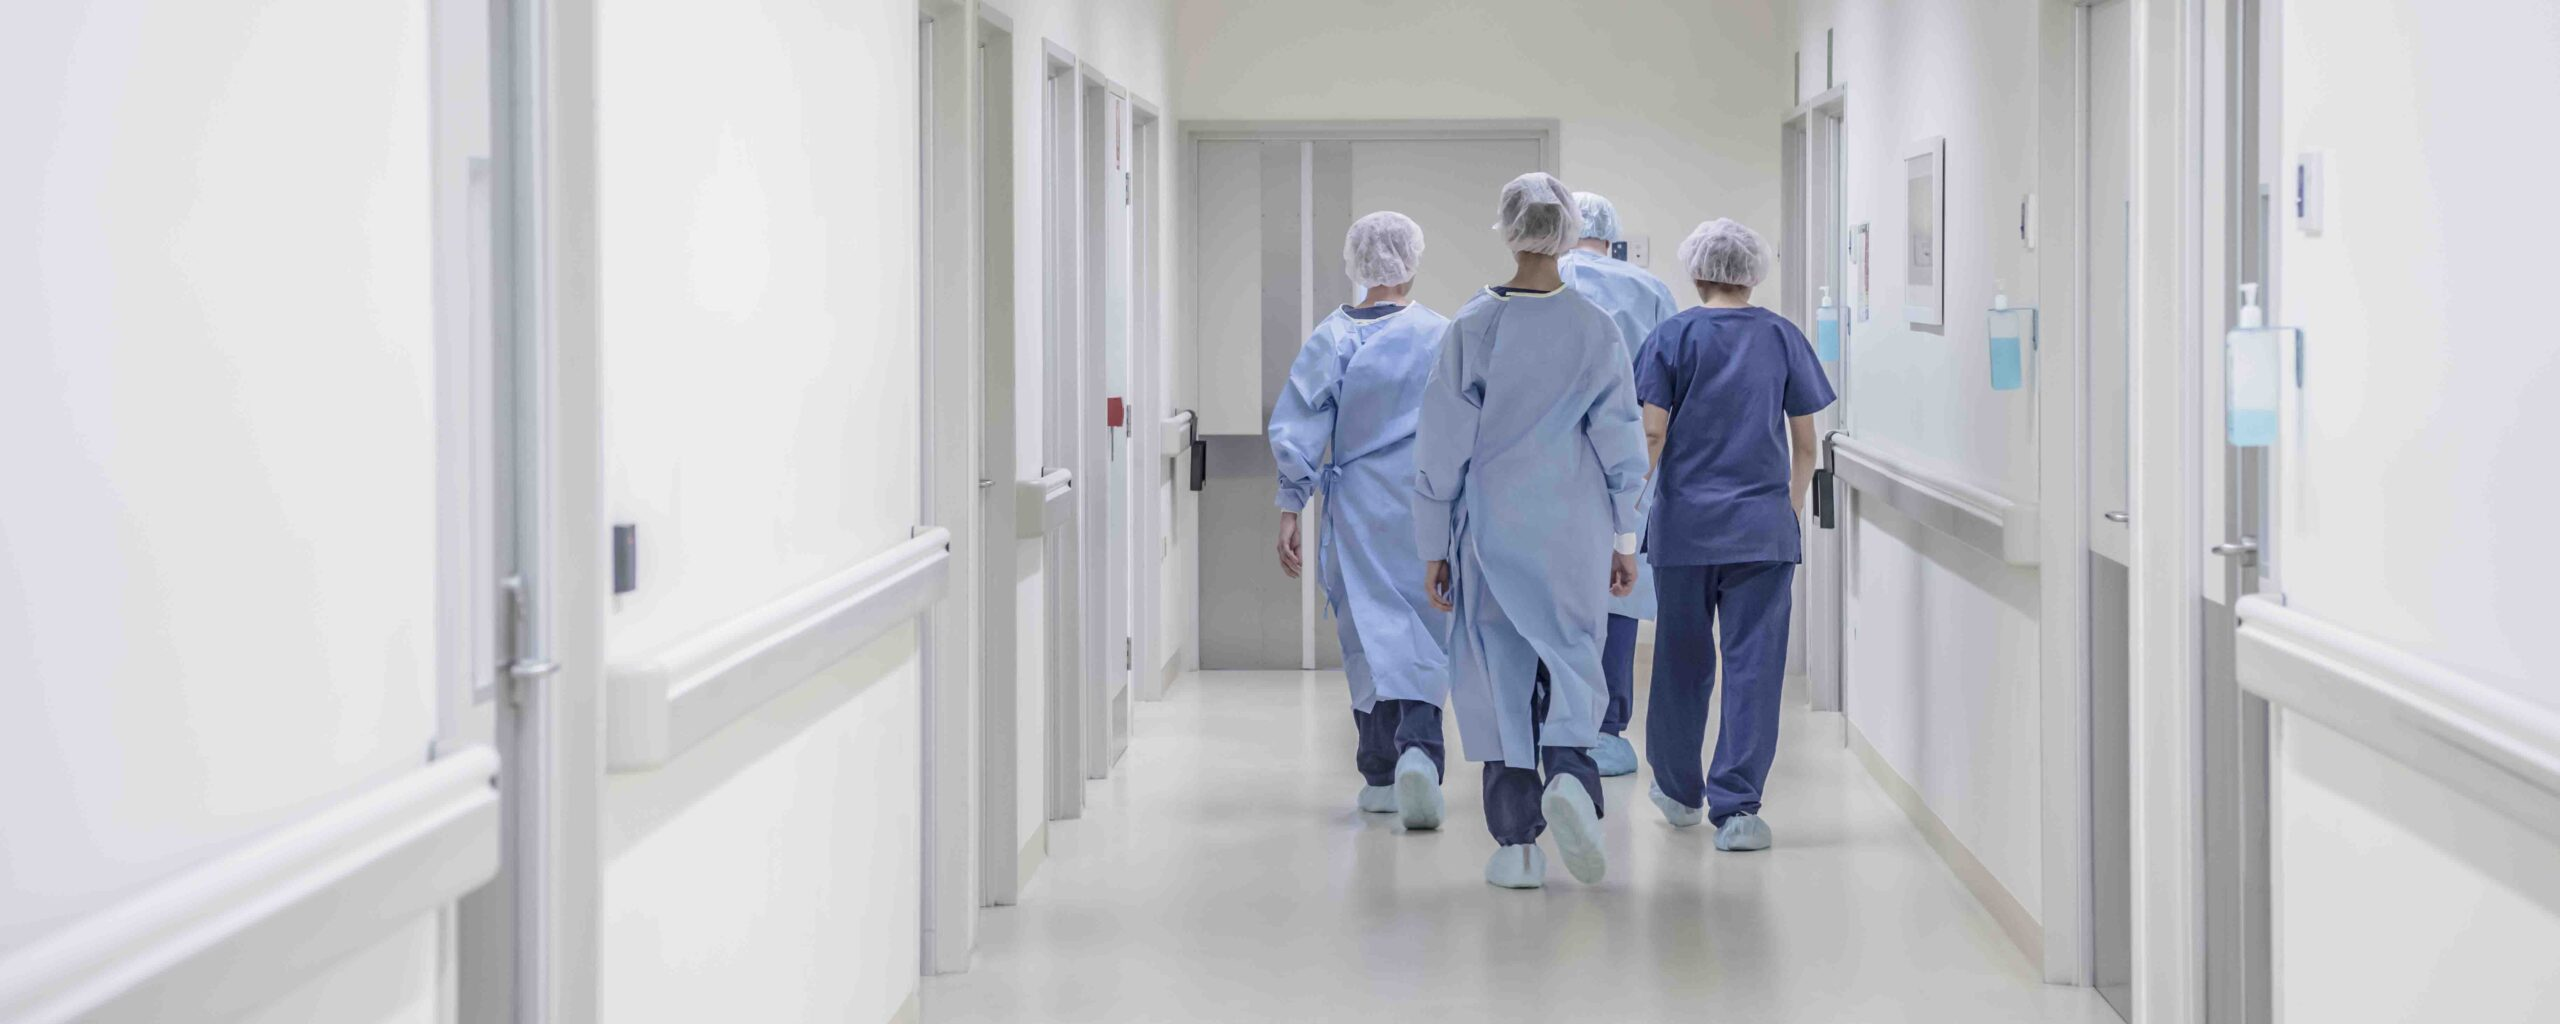 «Маленькие зарплаты и большие нагрузки на врачей не связаны с моделью страховой медицины»